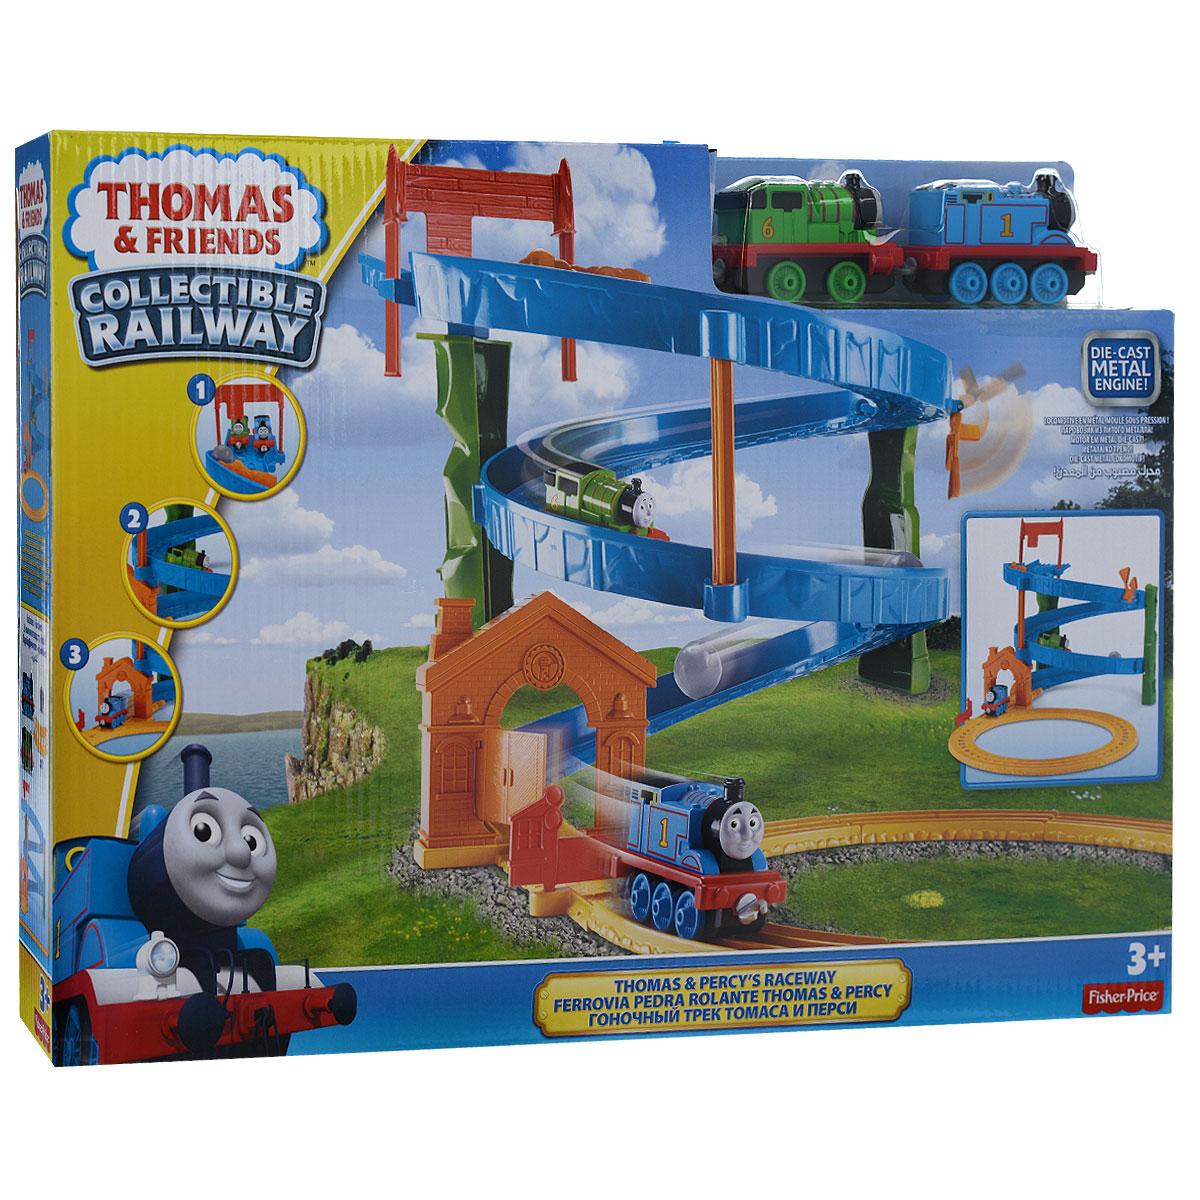 Thomas&Friends Игровой набор Скоростной спуск Томаса и ПерсиBHR97Игровой набор Thomas&Friends Скоростной спуск Томаса и Перси привлечет внимание вашего ребенка и не позволит ему скучать. Томас и Перси находятся на вершине карьера и готовы к гонке! Один из них едет первым, но их скорость слишком высока, и за ними по рельсам начинает катиться гигантский валун! Томас и Перси сбивают предупреждающие знаки и стремятся к финишной линии. Они преодолевают финишную черту и едва избегают столкновения с валуном, объезжая его по разворотному пути. В набор входят элементы для сборки спиралевидного спуска с воротами наверху и внизу, элементы для объездного пути со стрелкой, паровозики Томас и Перси, которые легко скрепляются между собой, и валун. Ваш ребенок часами будет играть с набором, придумывая разные истории!